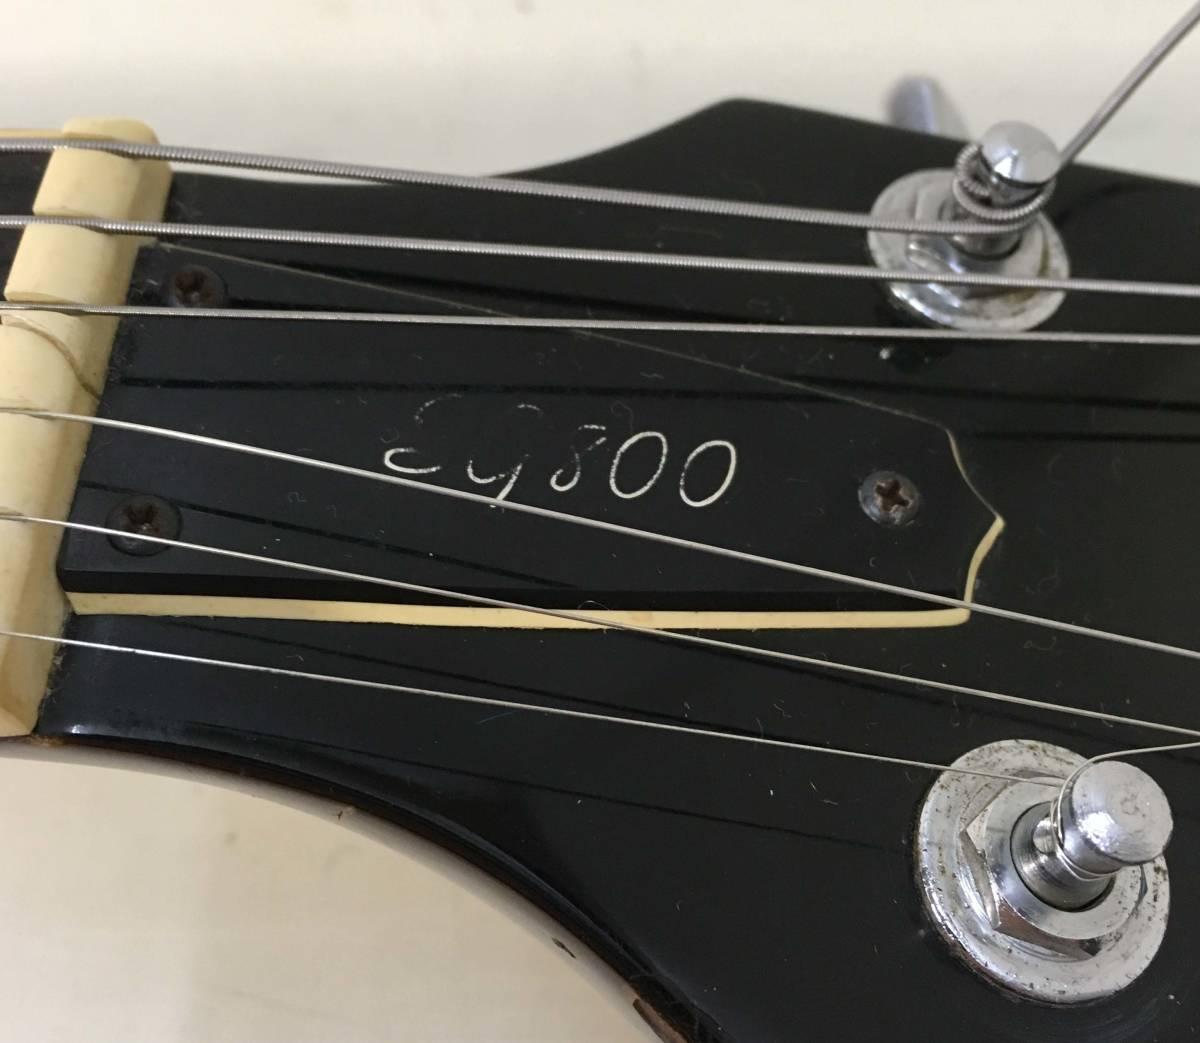 YAMAHA ★ エレキギター SG800 ハードケース付 シリアルナンバー 002506 6桁 ヤマハ ビンテージ ギター 楽器 天竜工場 日本製 ヴィンテージ_画像6